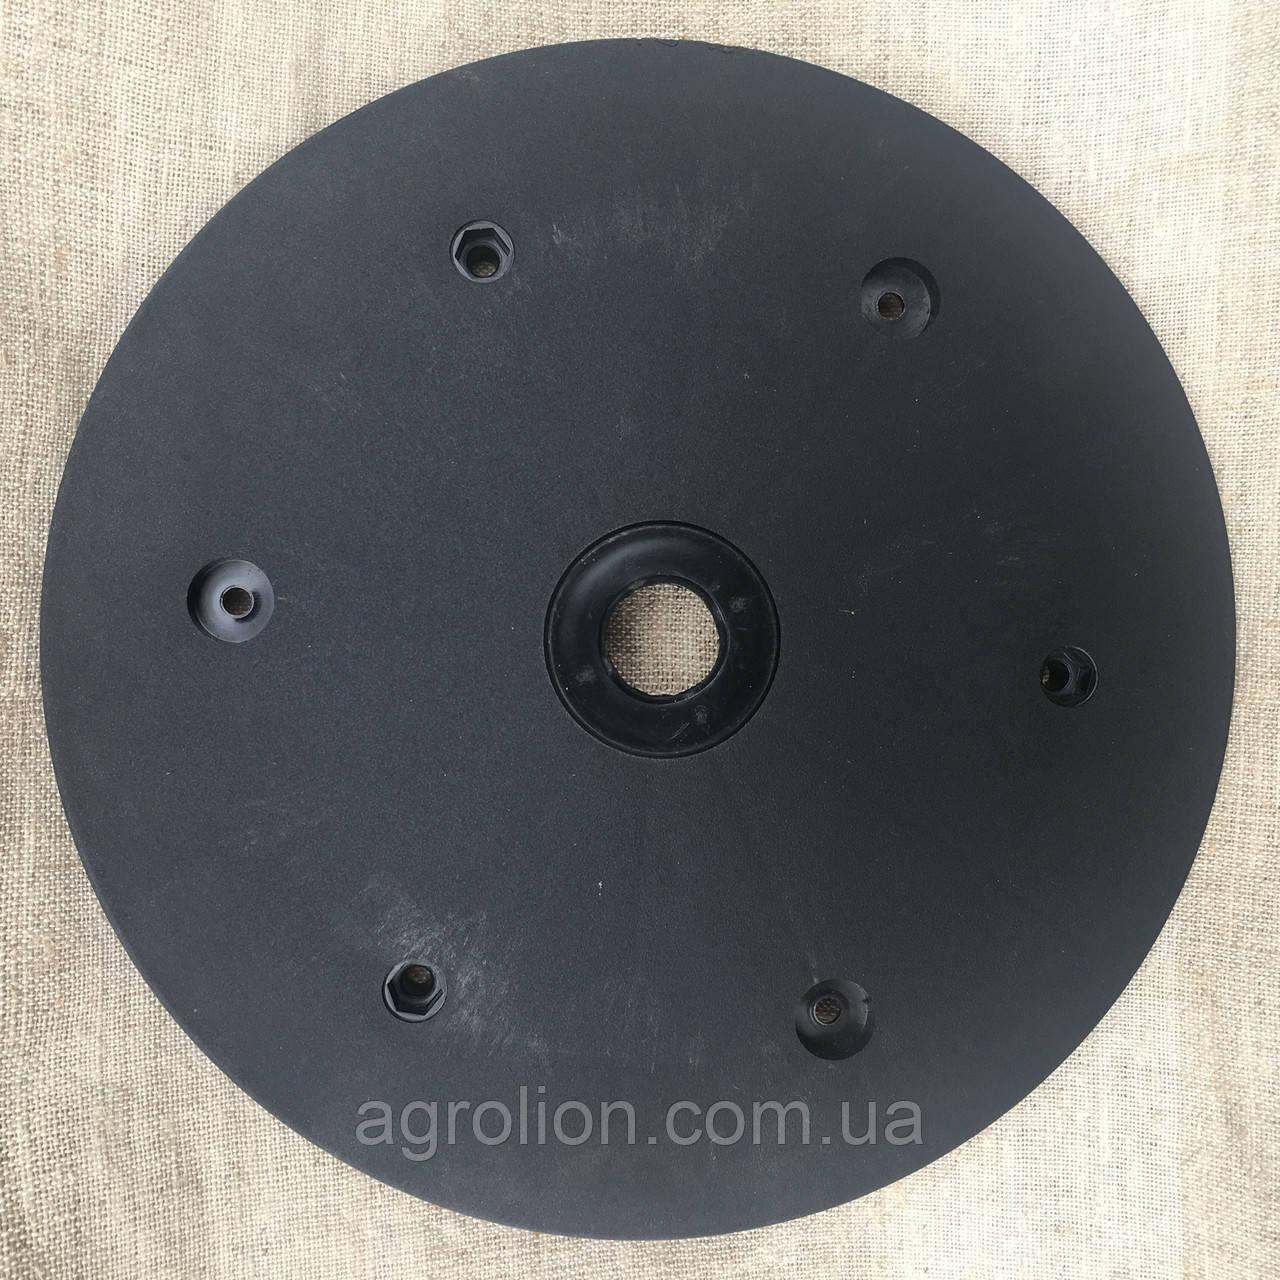 """Напівдиск прикотуючого колеса (диск поліамід) 1""""x12"""" d30, A45576"""